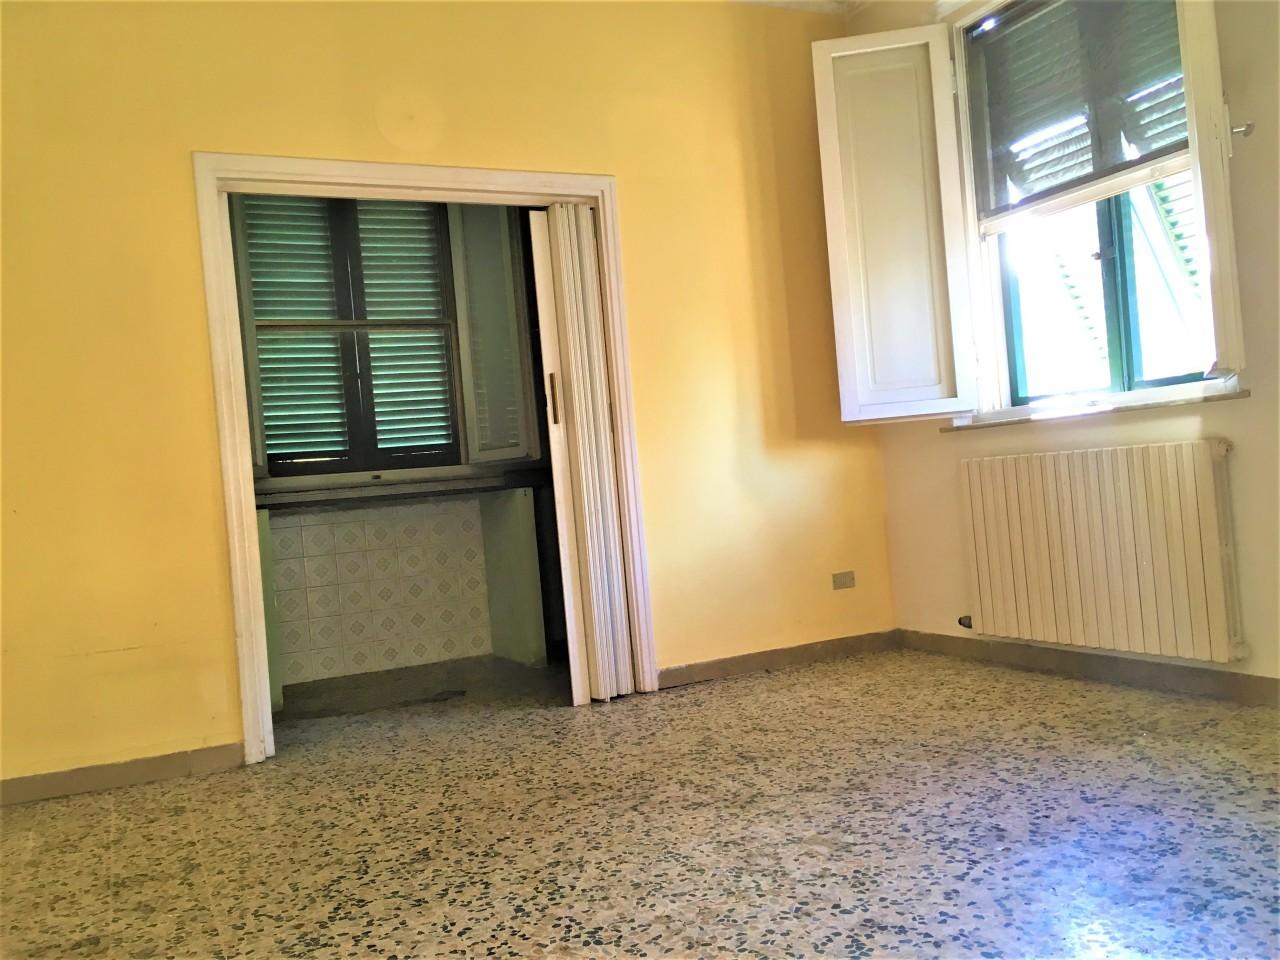 Villa in vendita a Ponsacco, 5 locali, prezzo € 195.000   CambioCasa.it